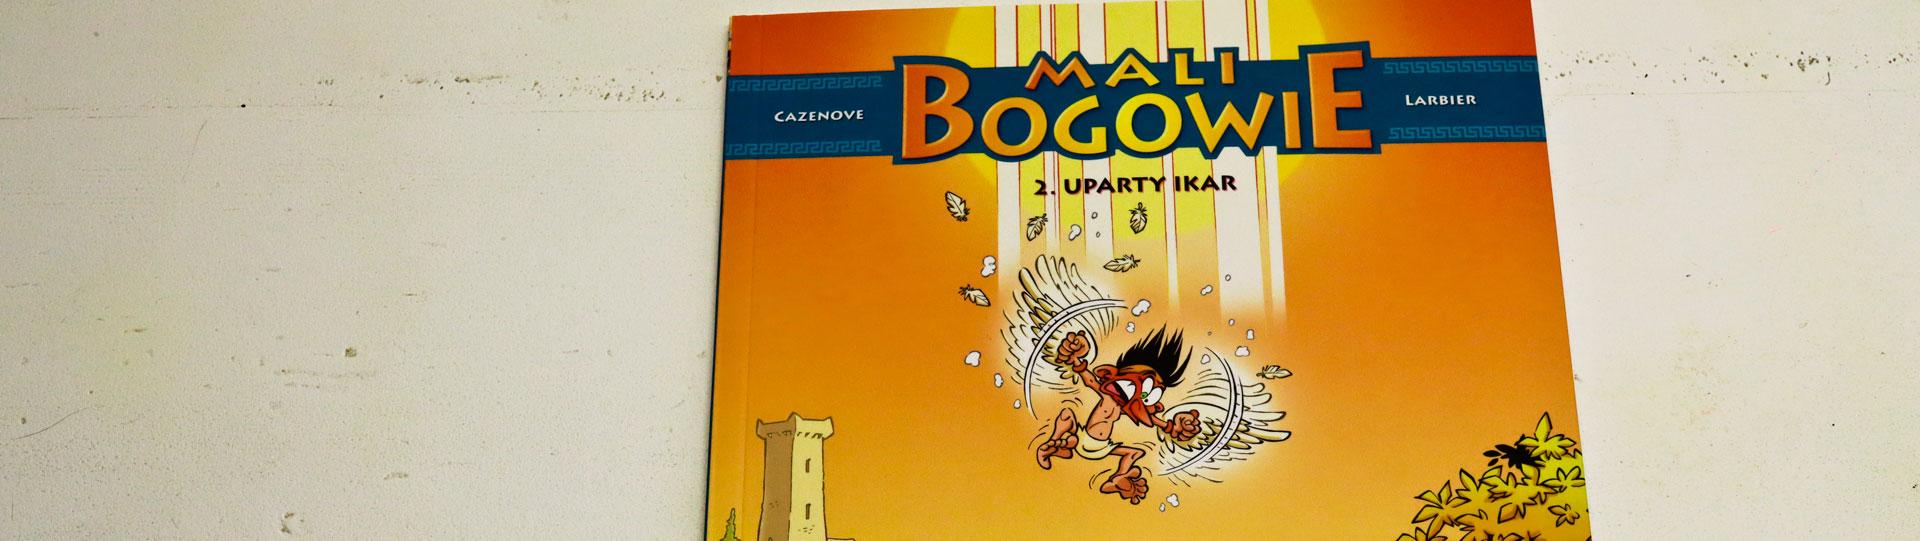 malibogoiw